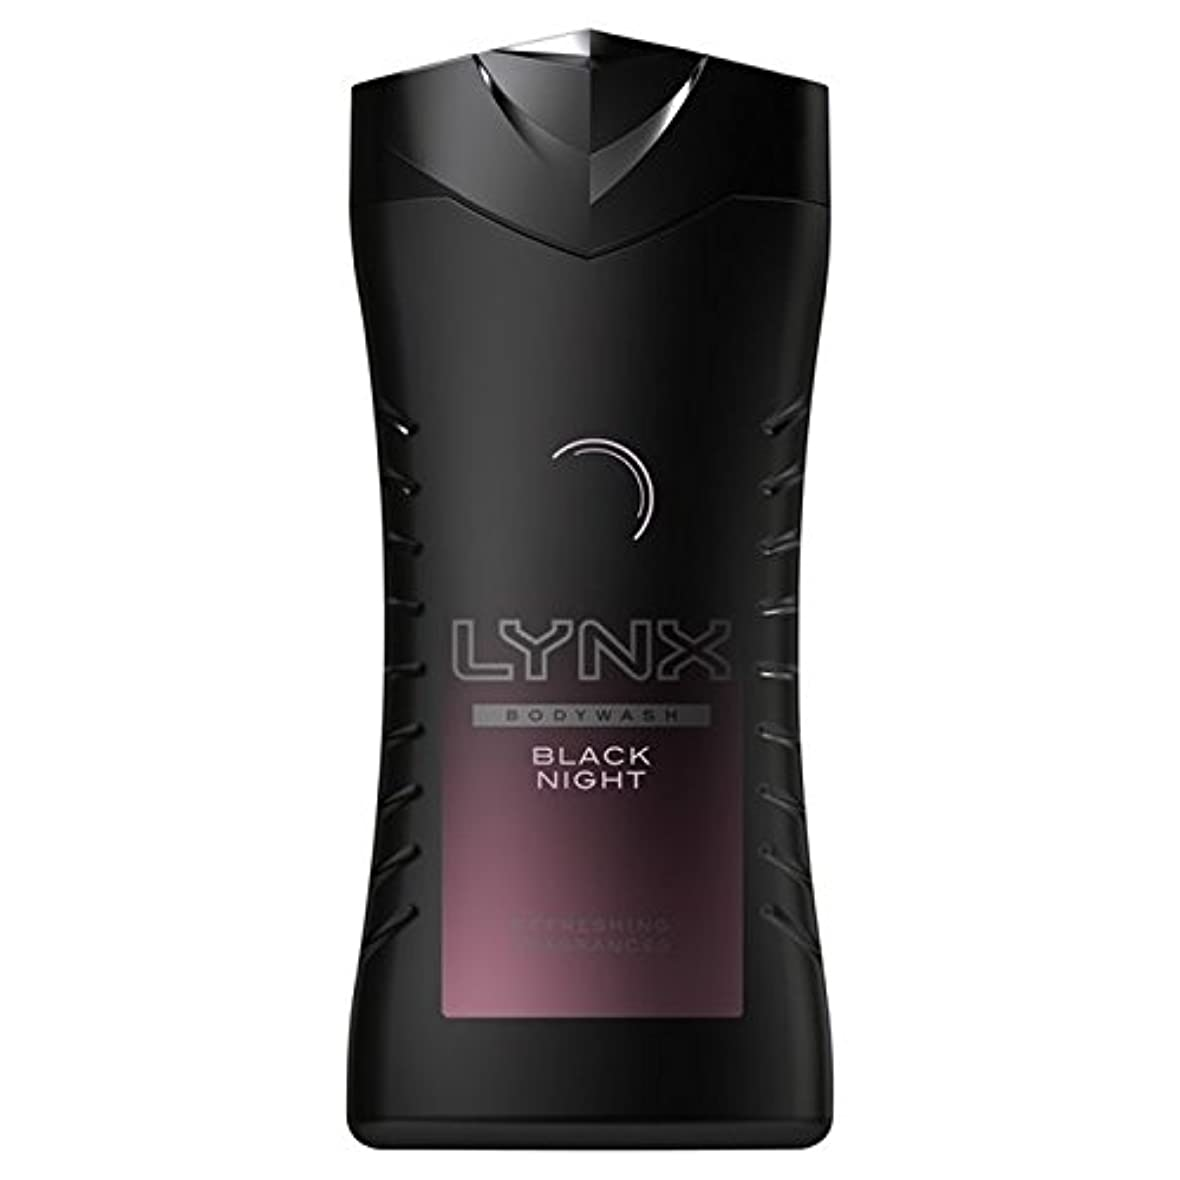 ソロ噂祖父母を訪問Lynx Black Night Shower Gel 250ml - オオヤマネコ黒夜シャワージェル250ミリリットル [並行輸入品]